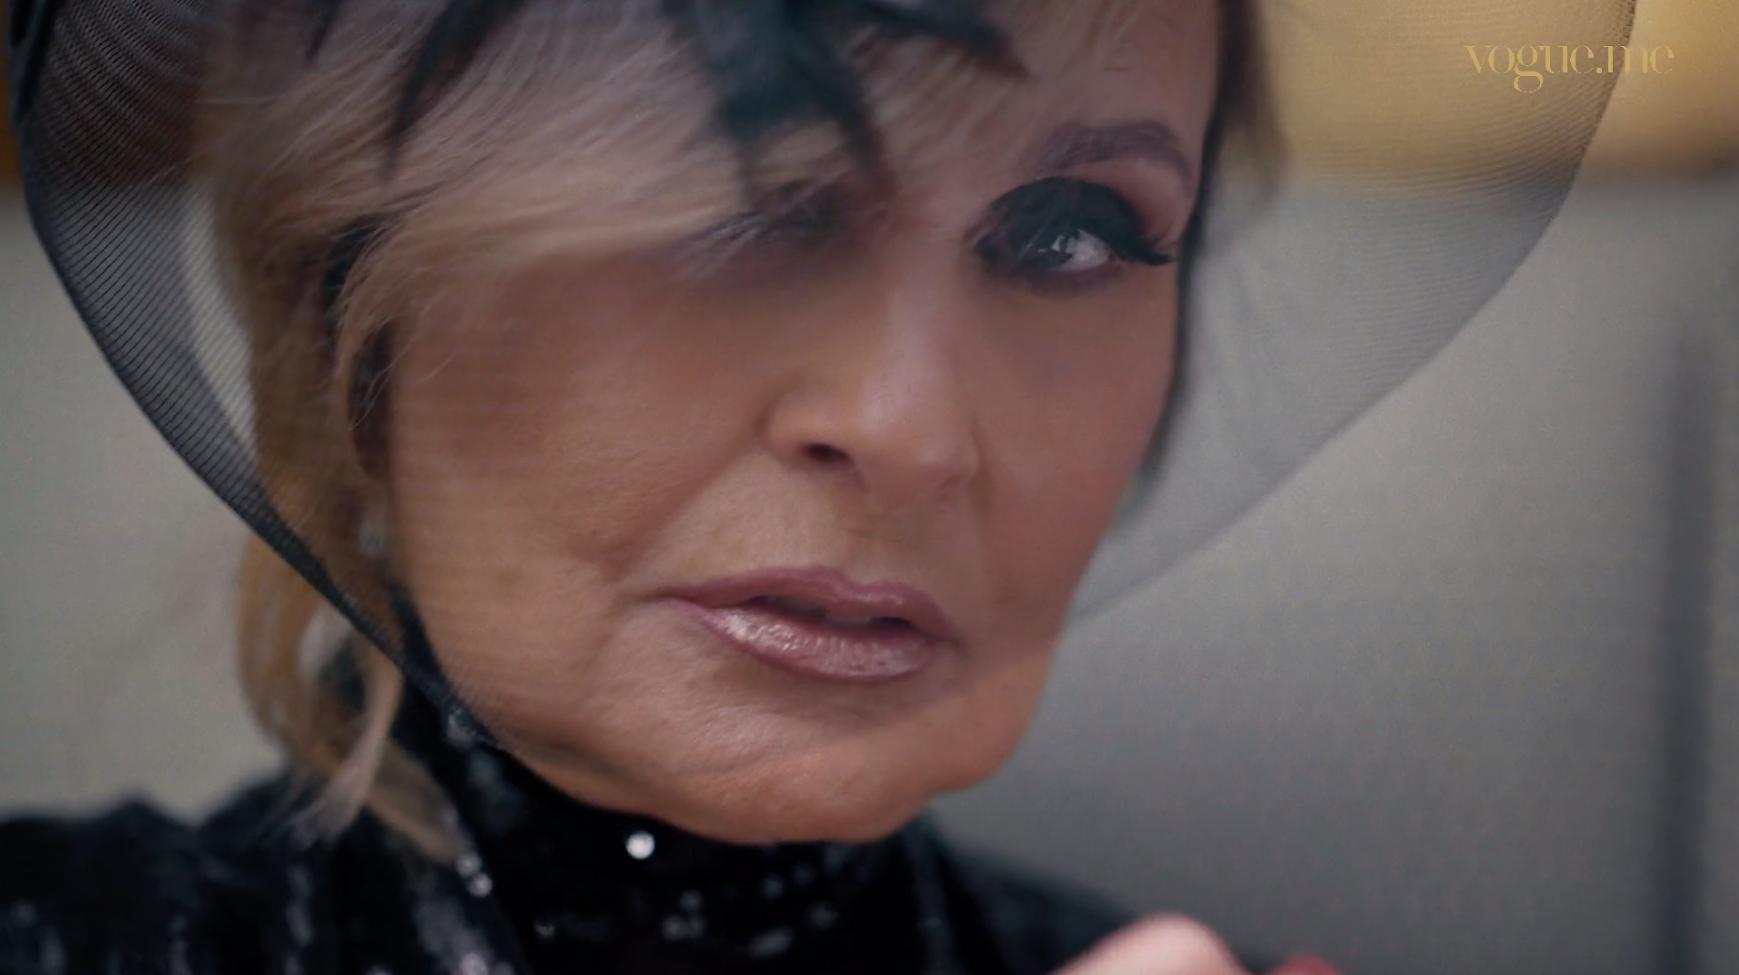 #BuyArabDesigners Video Vogue Arabia's 2nd anniversary